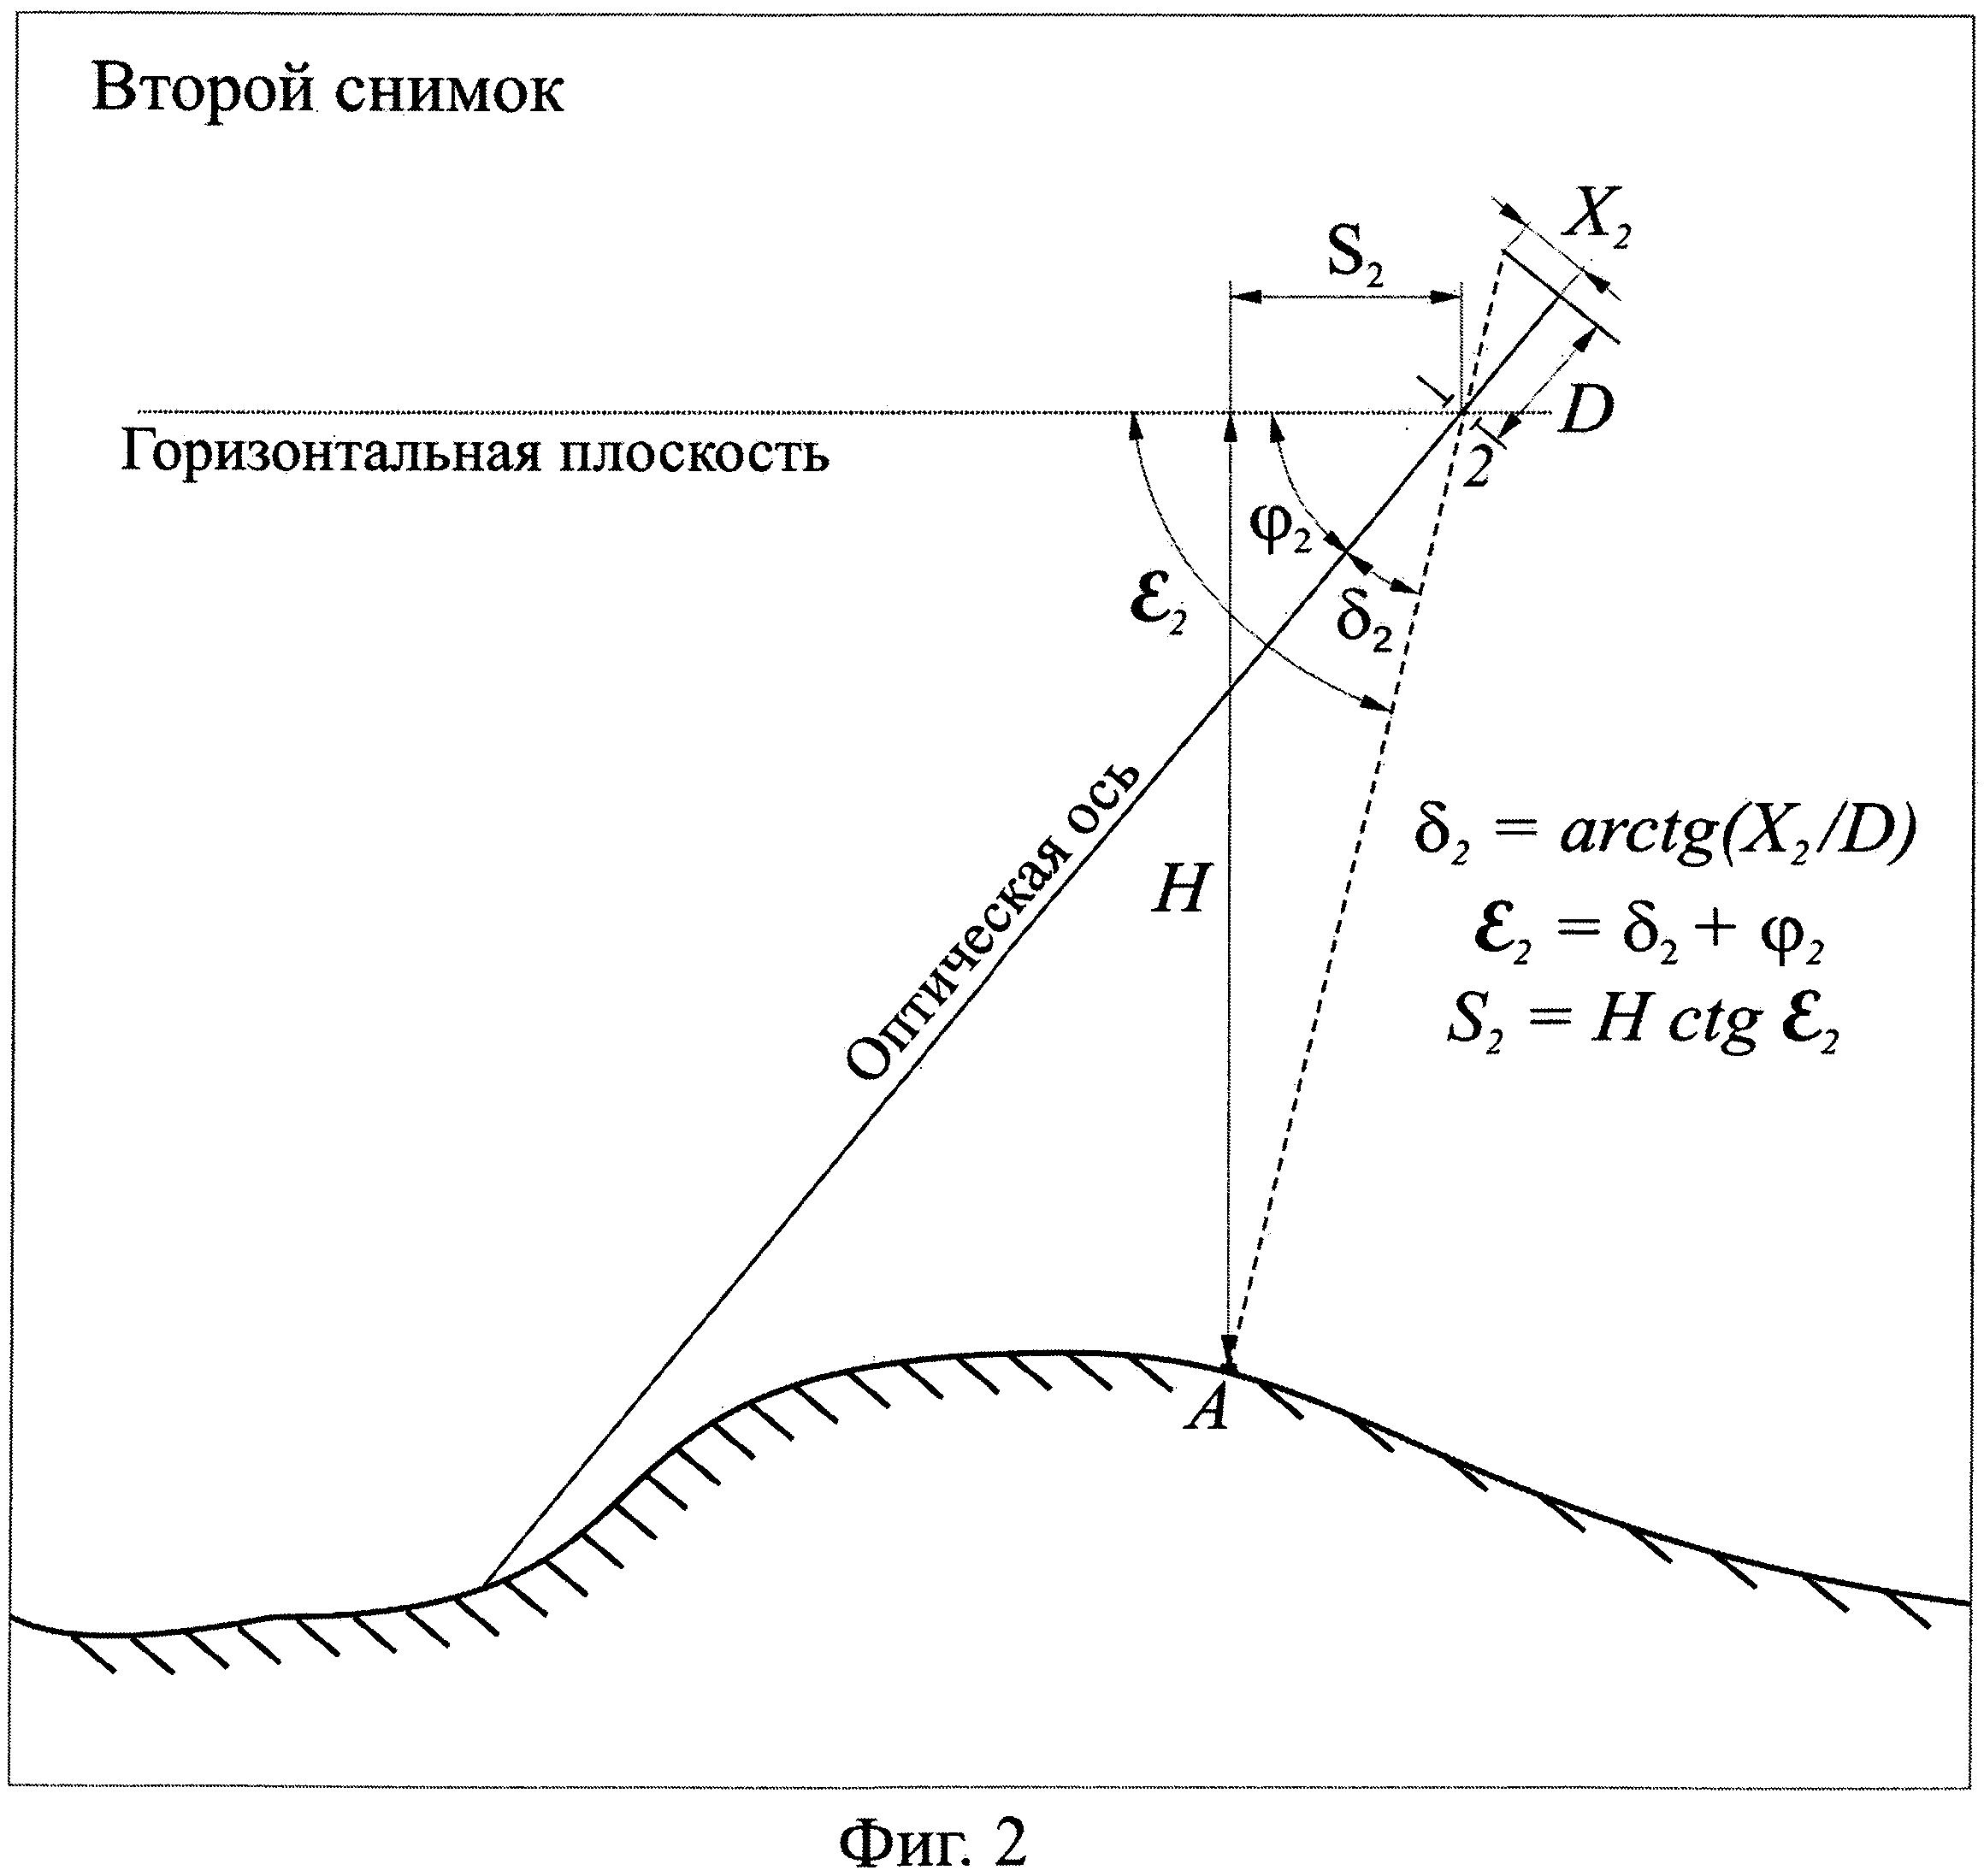 Способ наведения беспилотного летательного аппарата